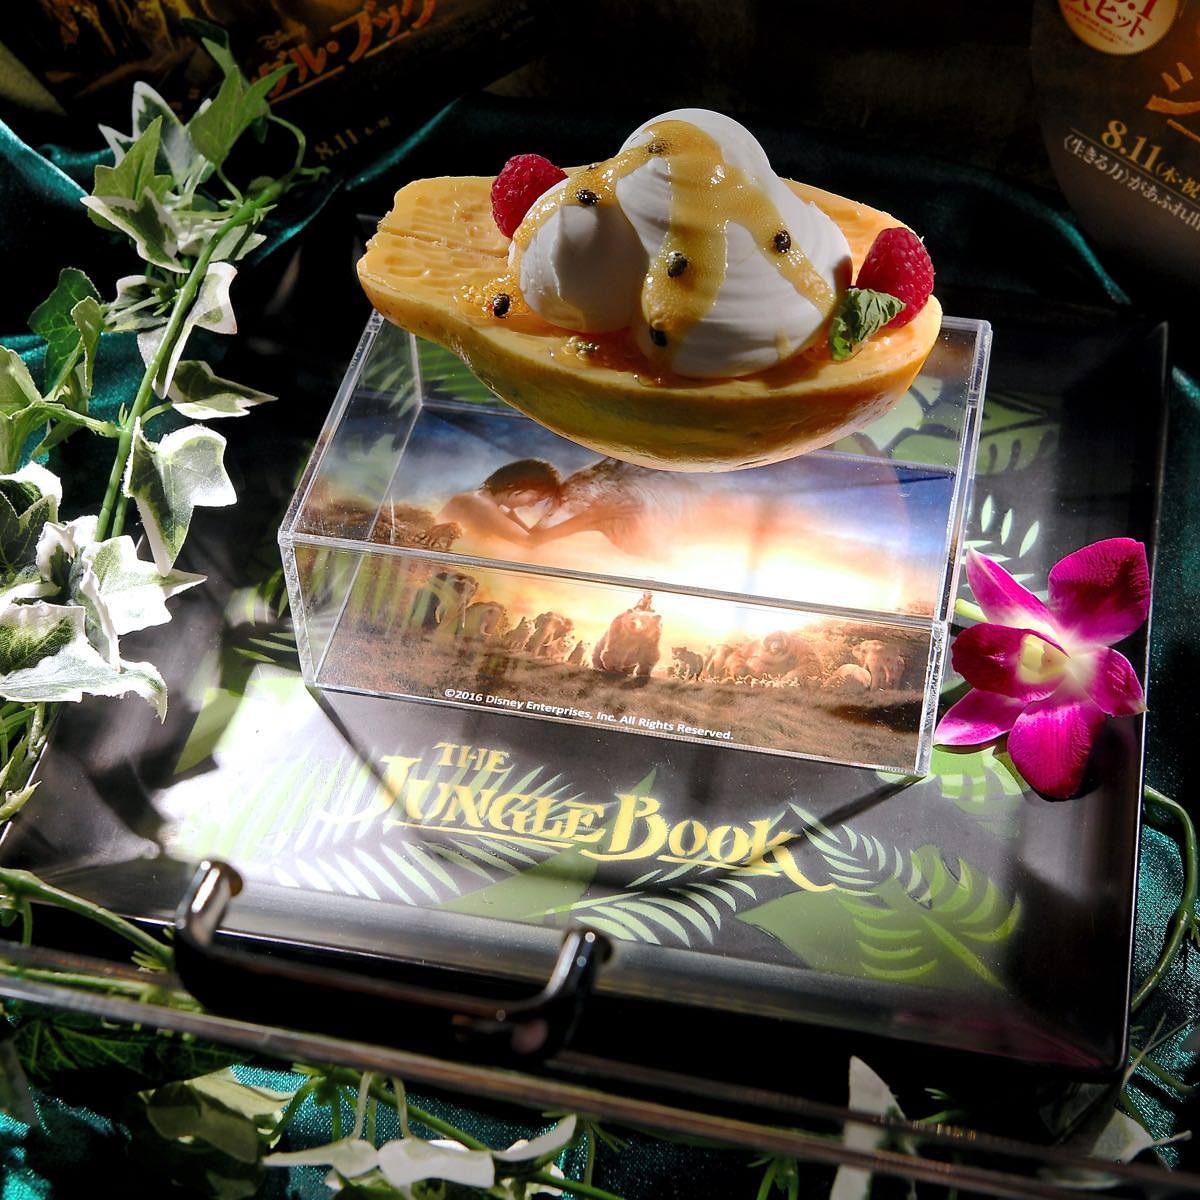 ディズニー映画『ジャングル・ブック』をイメージしたスペシャルデザート マンゴープリンとココナッツシャーベットのパパイヤボート 台紙